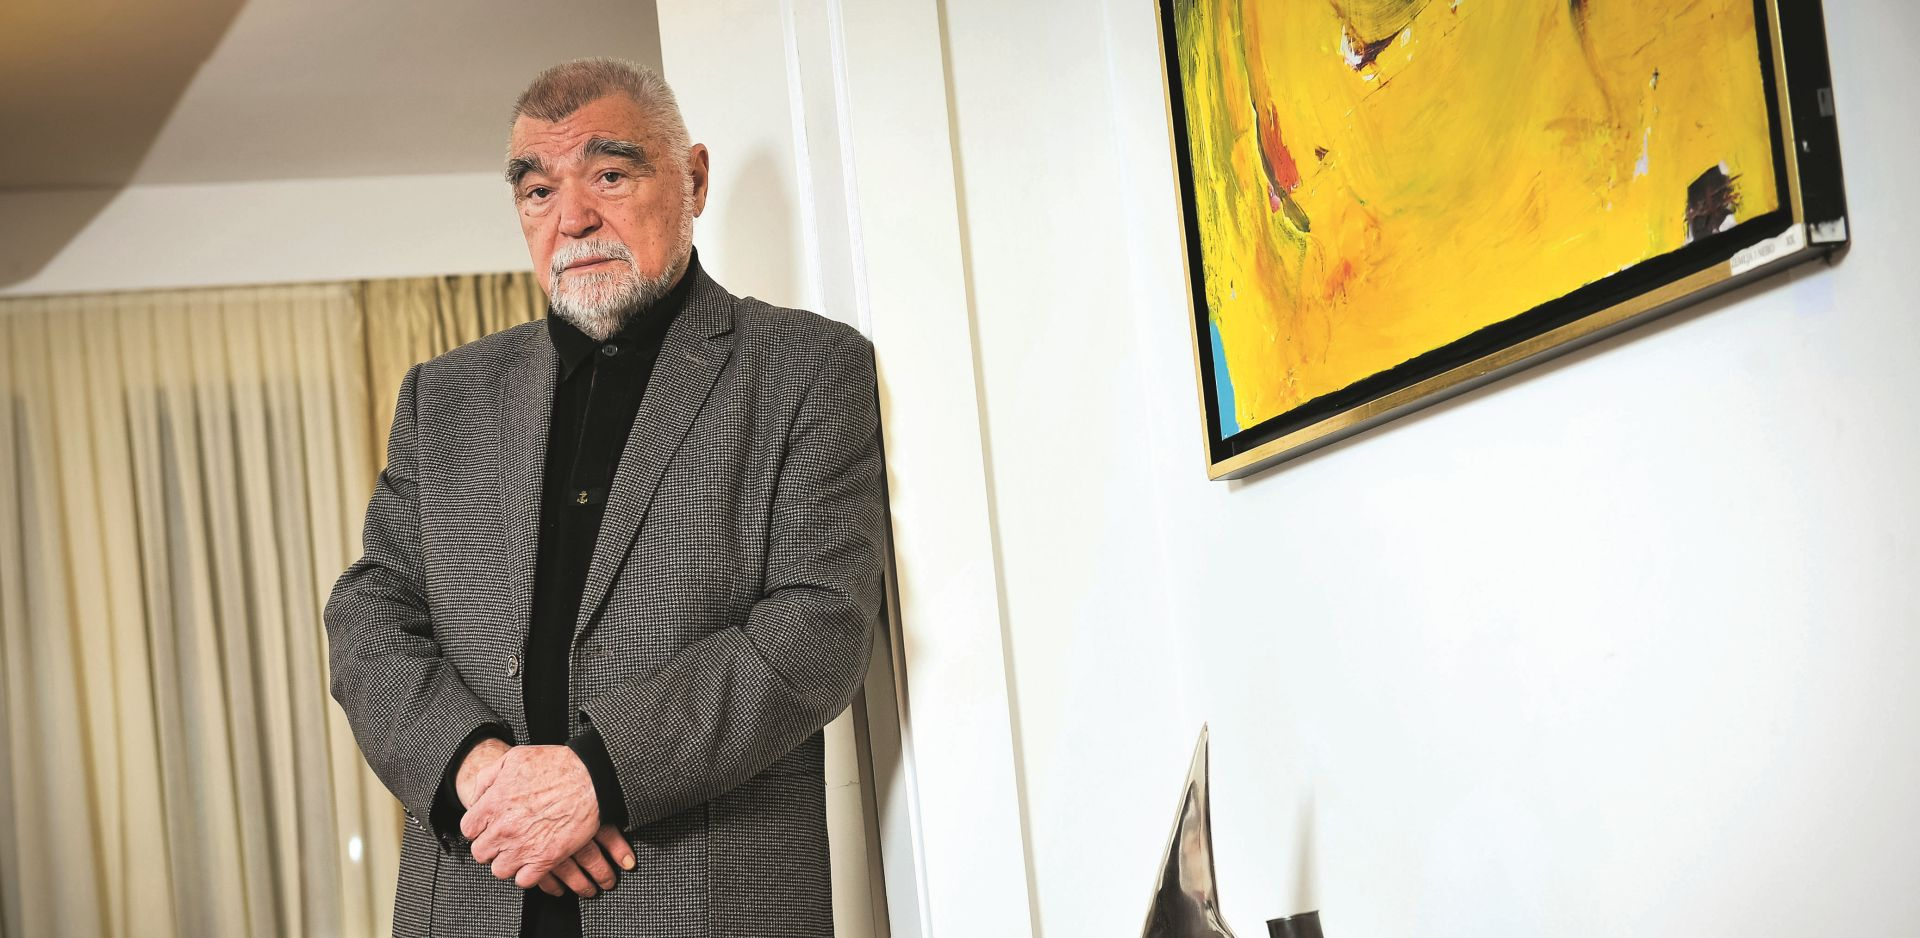 'Moram razmisliti o kandidaturi protiv Grabar Kitarović'